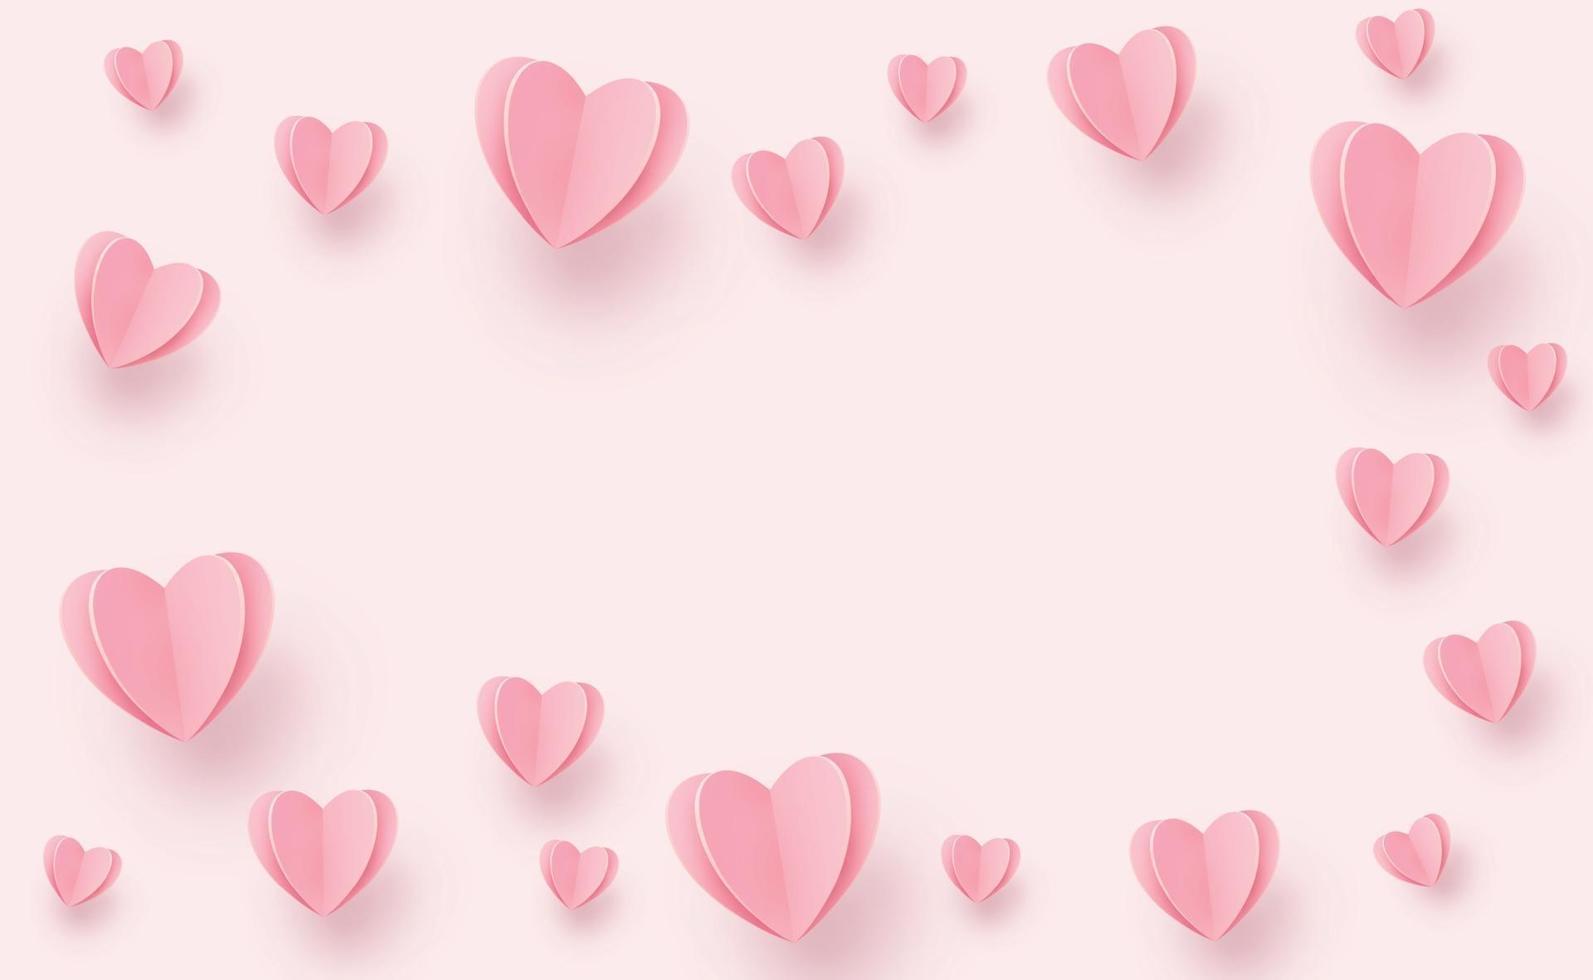 zachte roze-rode harten op een roze achtergrond - afbeelding vector